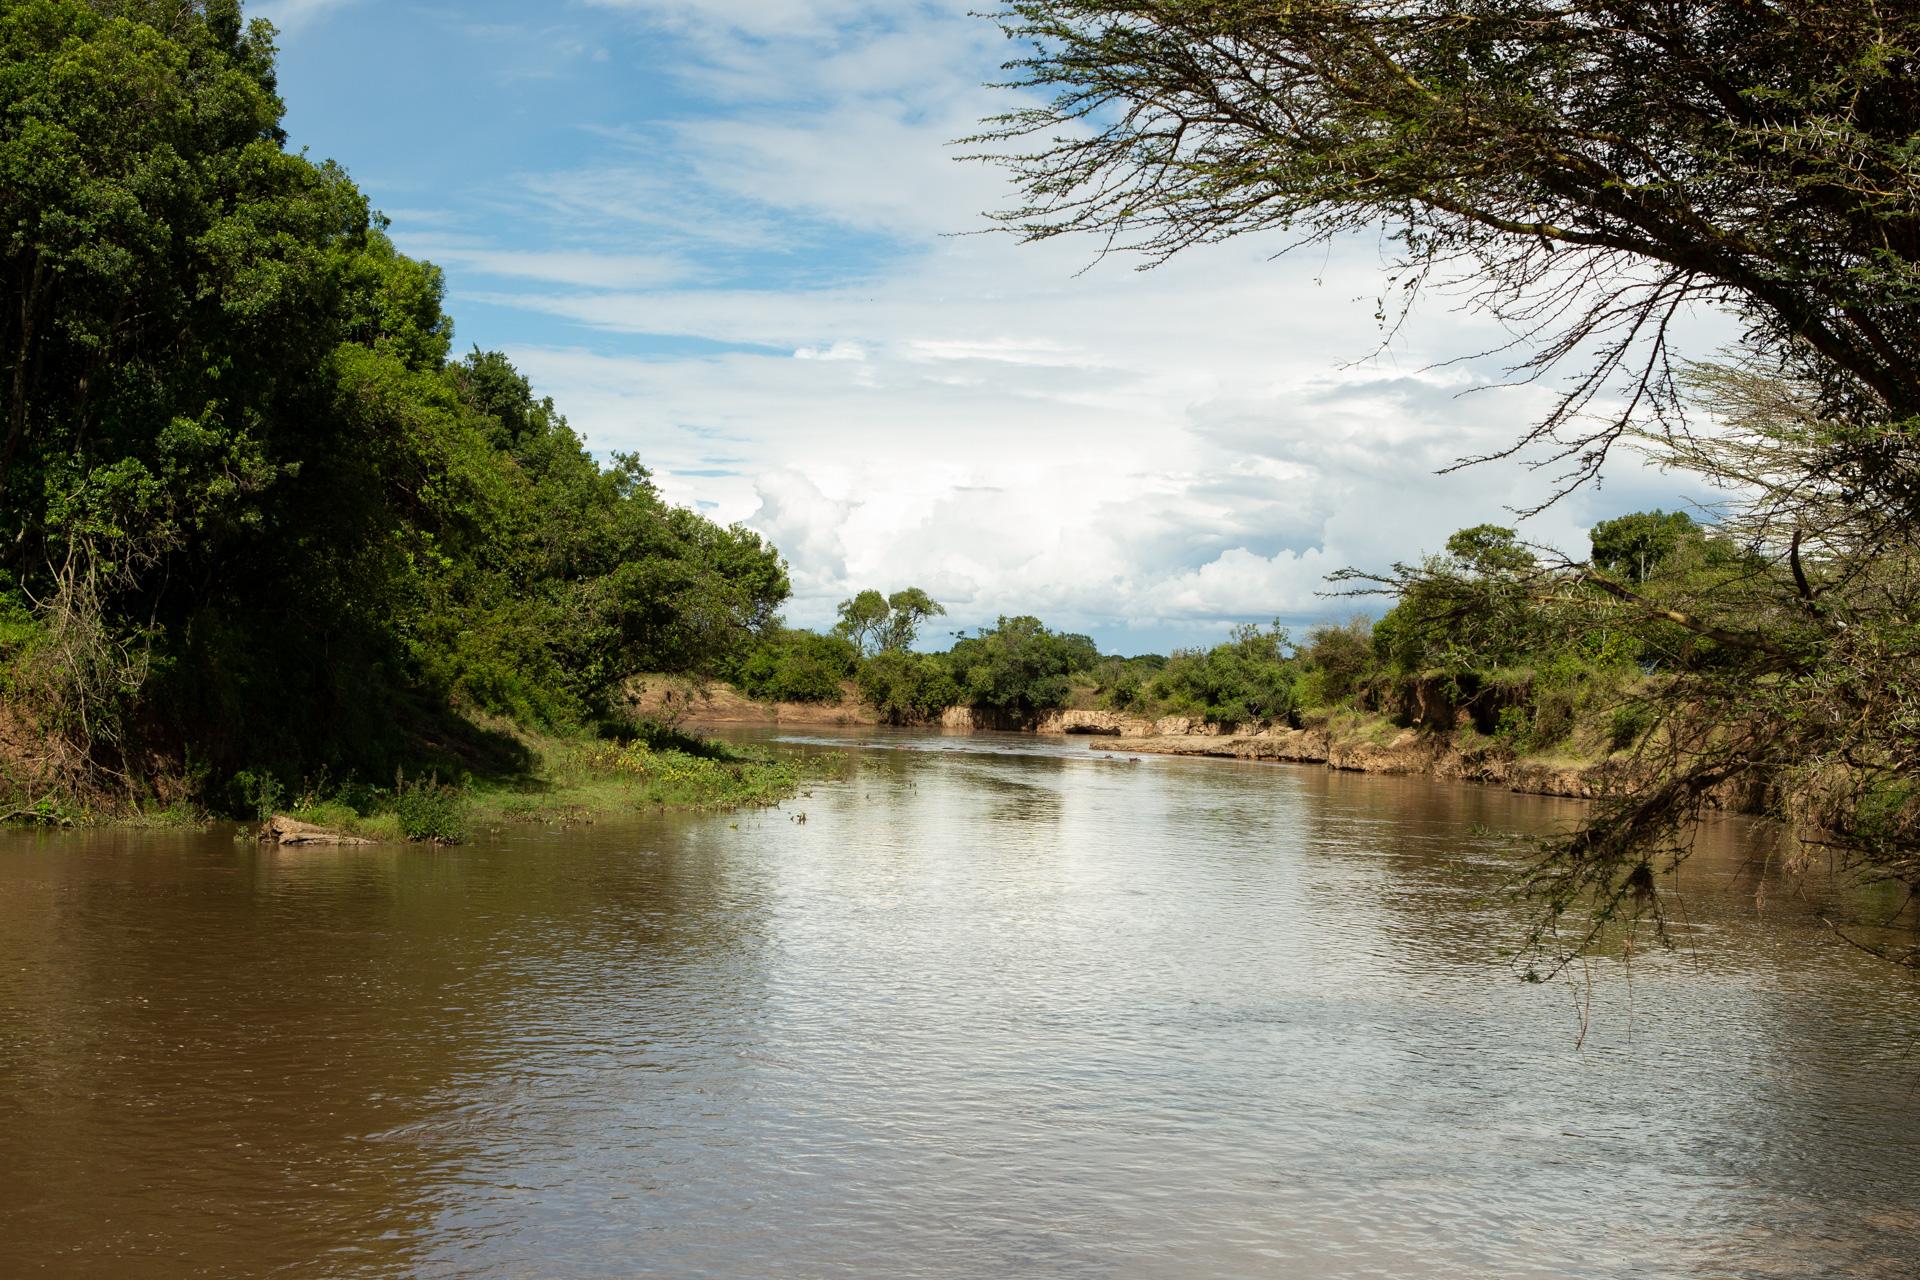 Mara river full